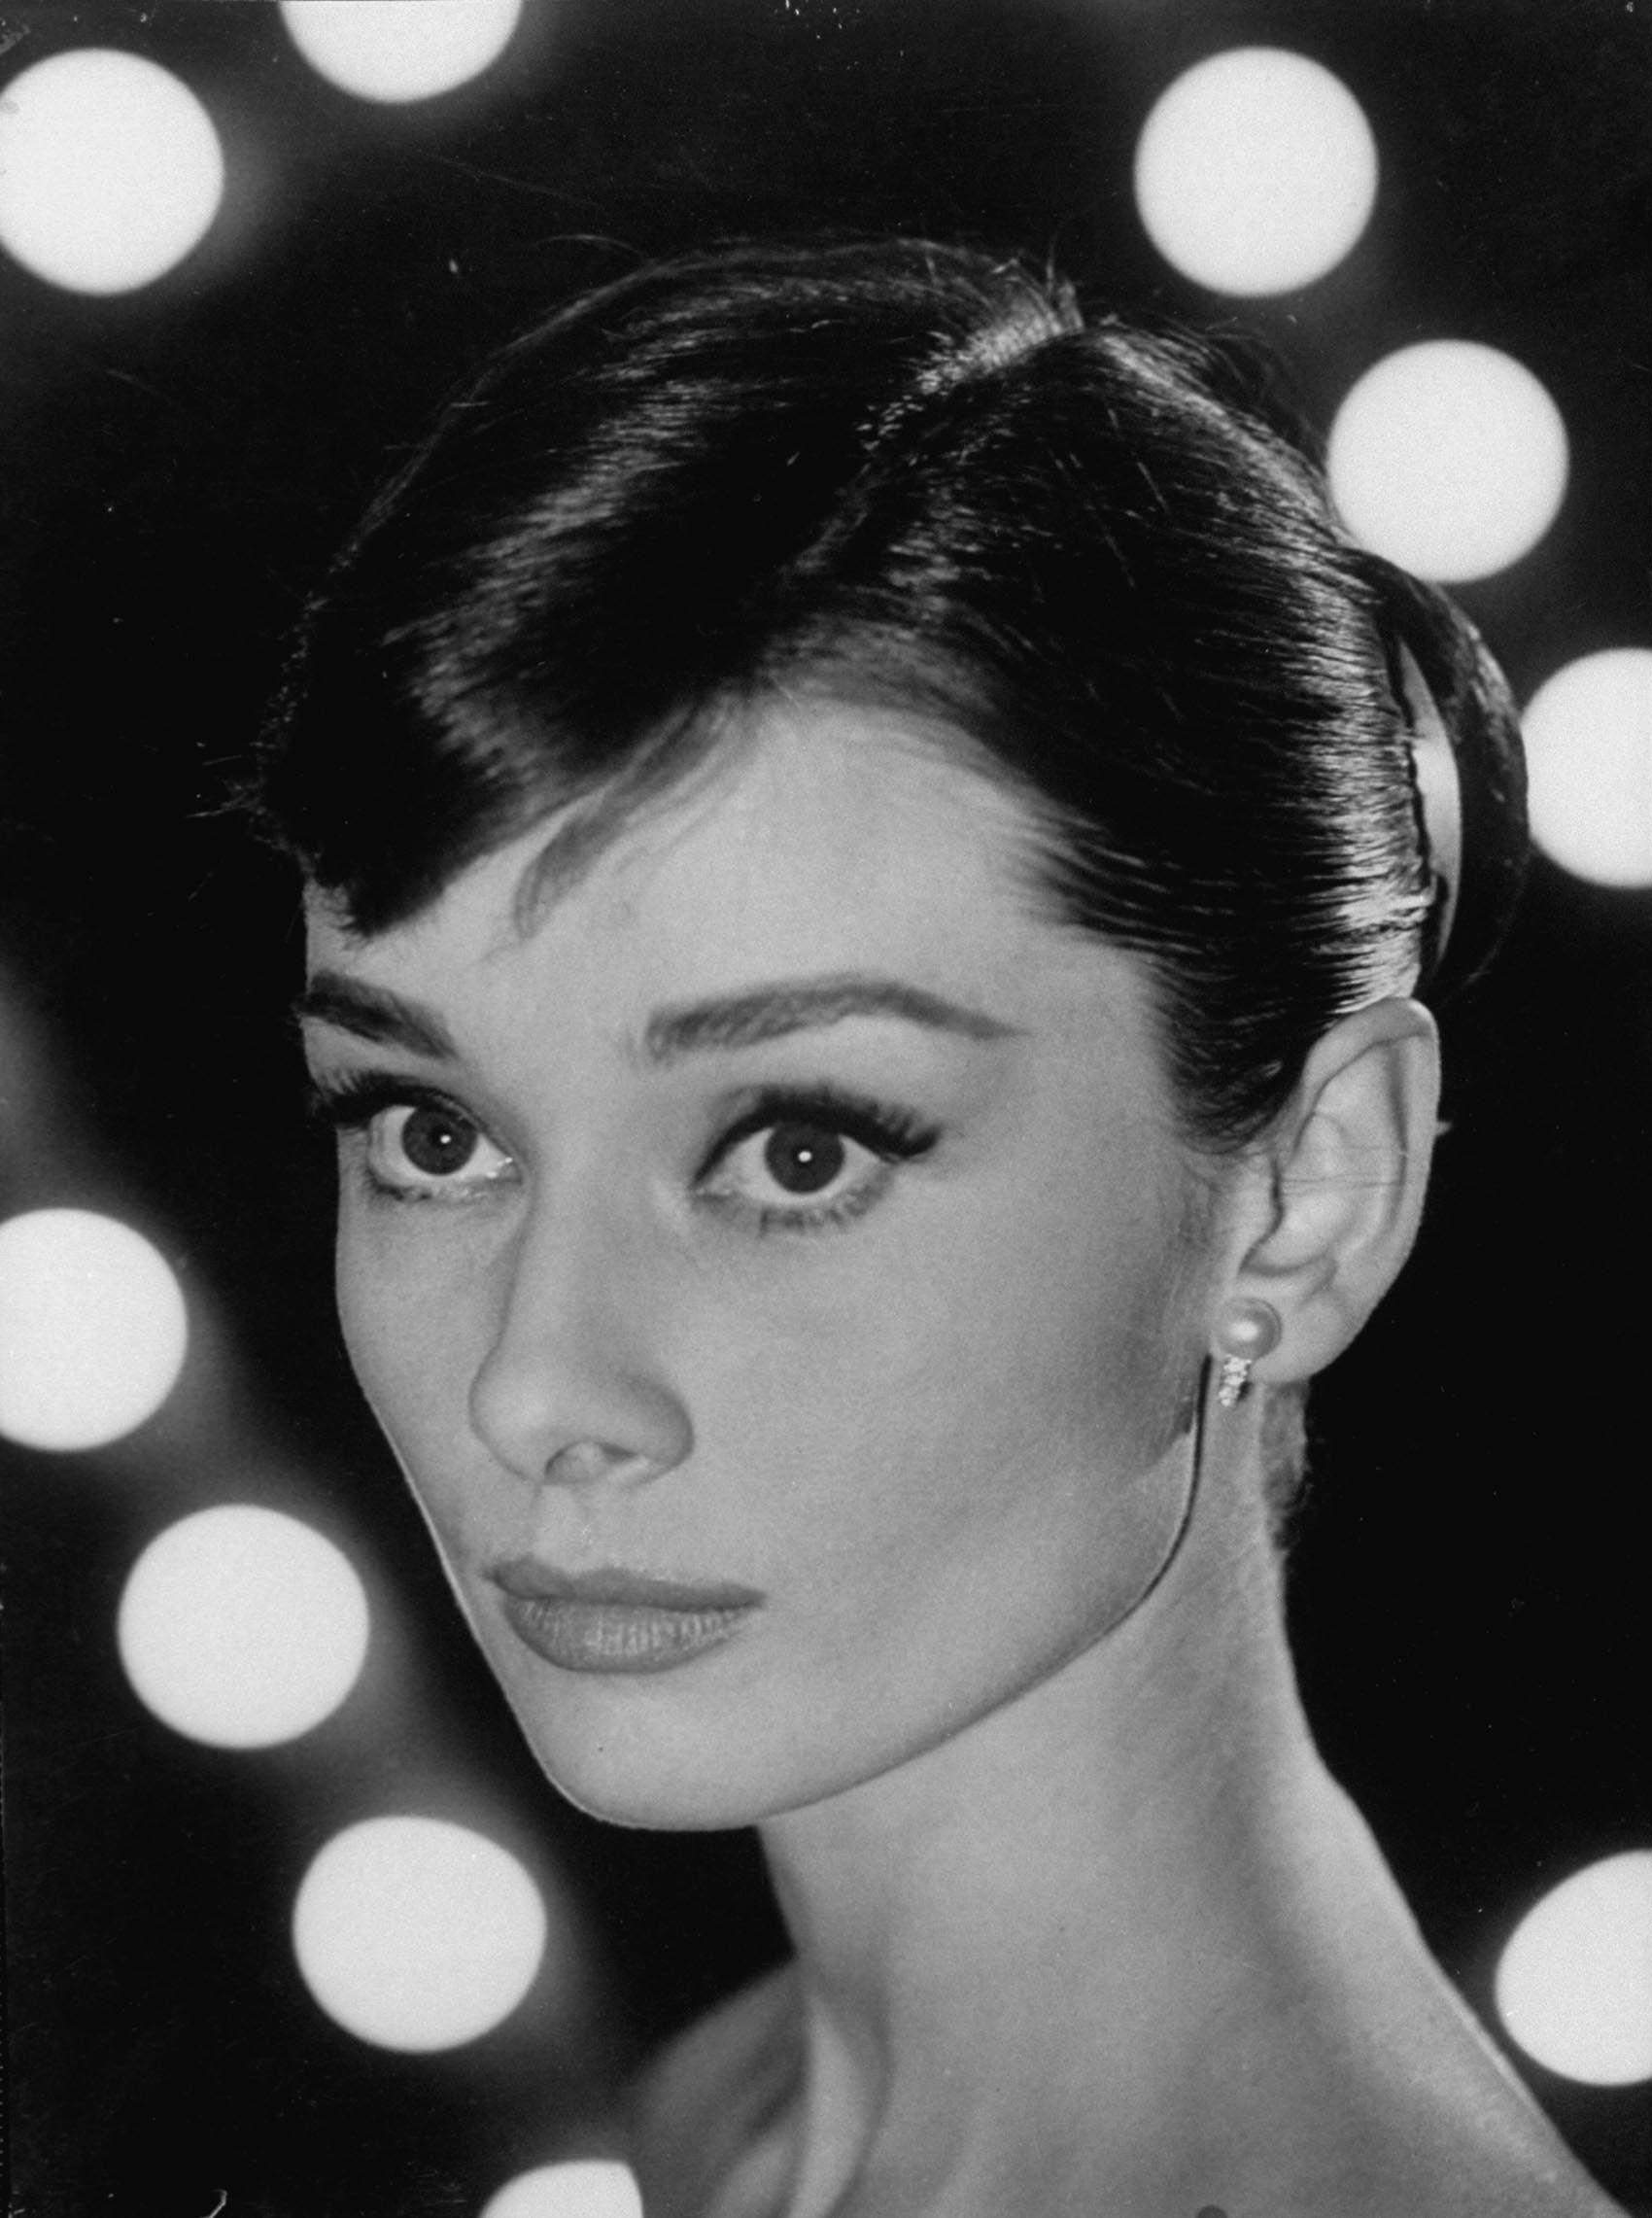 Audrey Hepburn | Me gusta... | Pinterest | Bosquejo de la cara, Foto ...